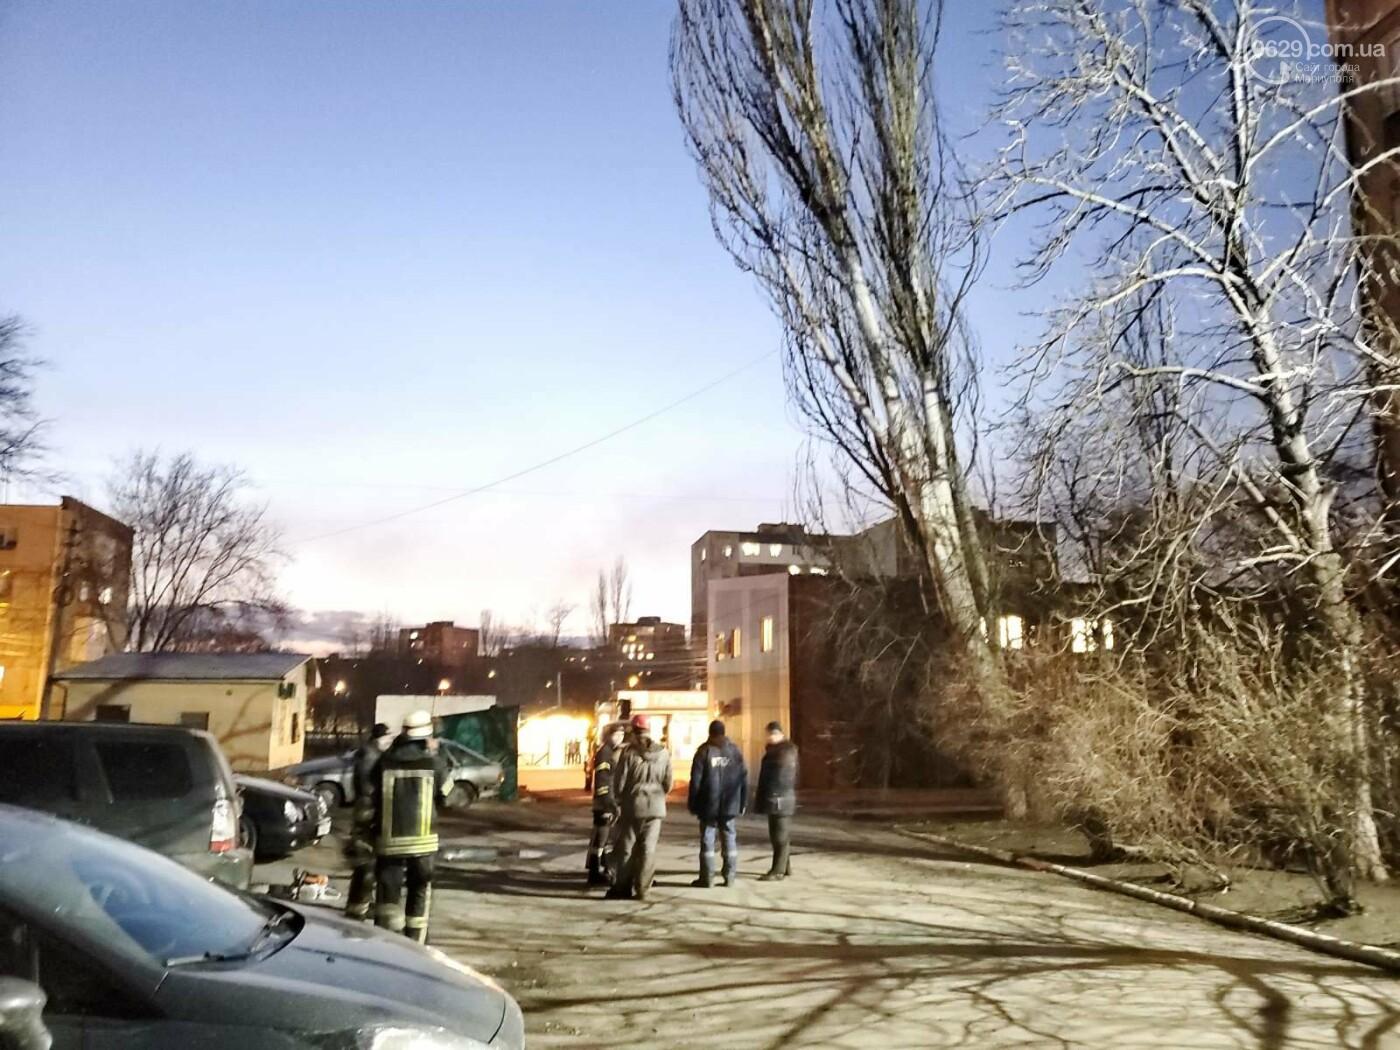 В Мариуполе спасатели убрали опасное дерево, - ФОТО, фото-4